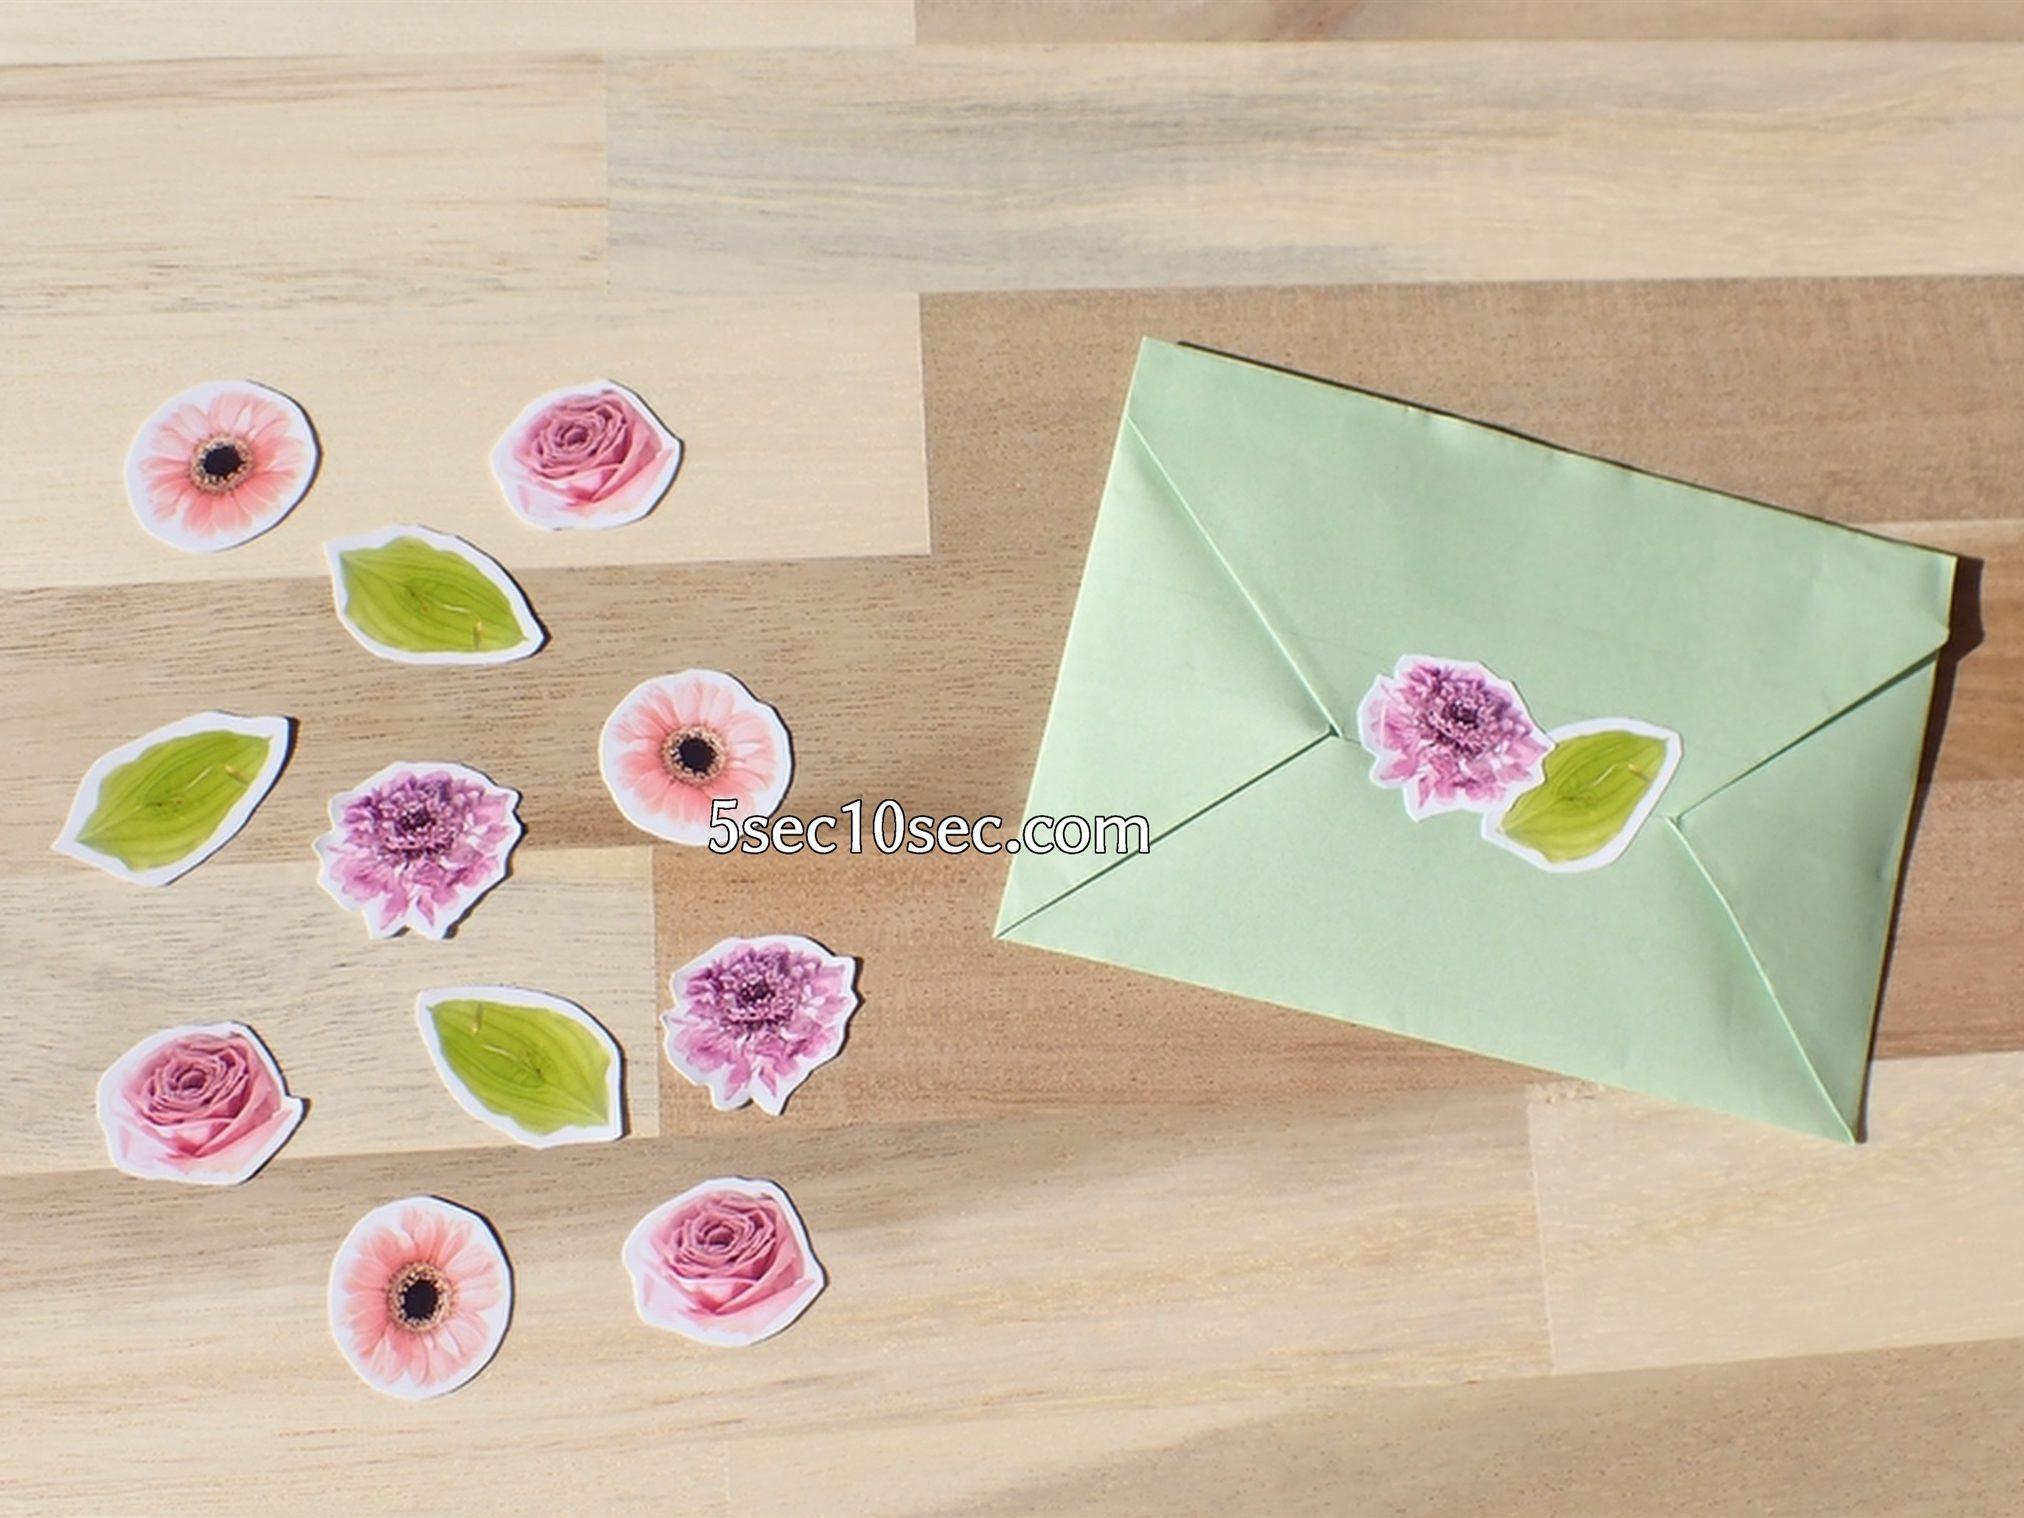 株式会社Crunch Style お花の定期便 Bloomee LIFE ブルーミーライフ レギュラープラン 切り花、生花の写真から手作りシールを作りました、自作なので自分で切って使っています